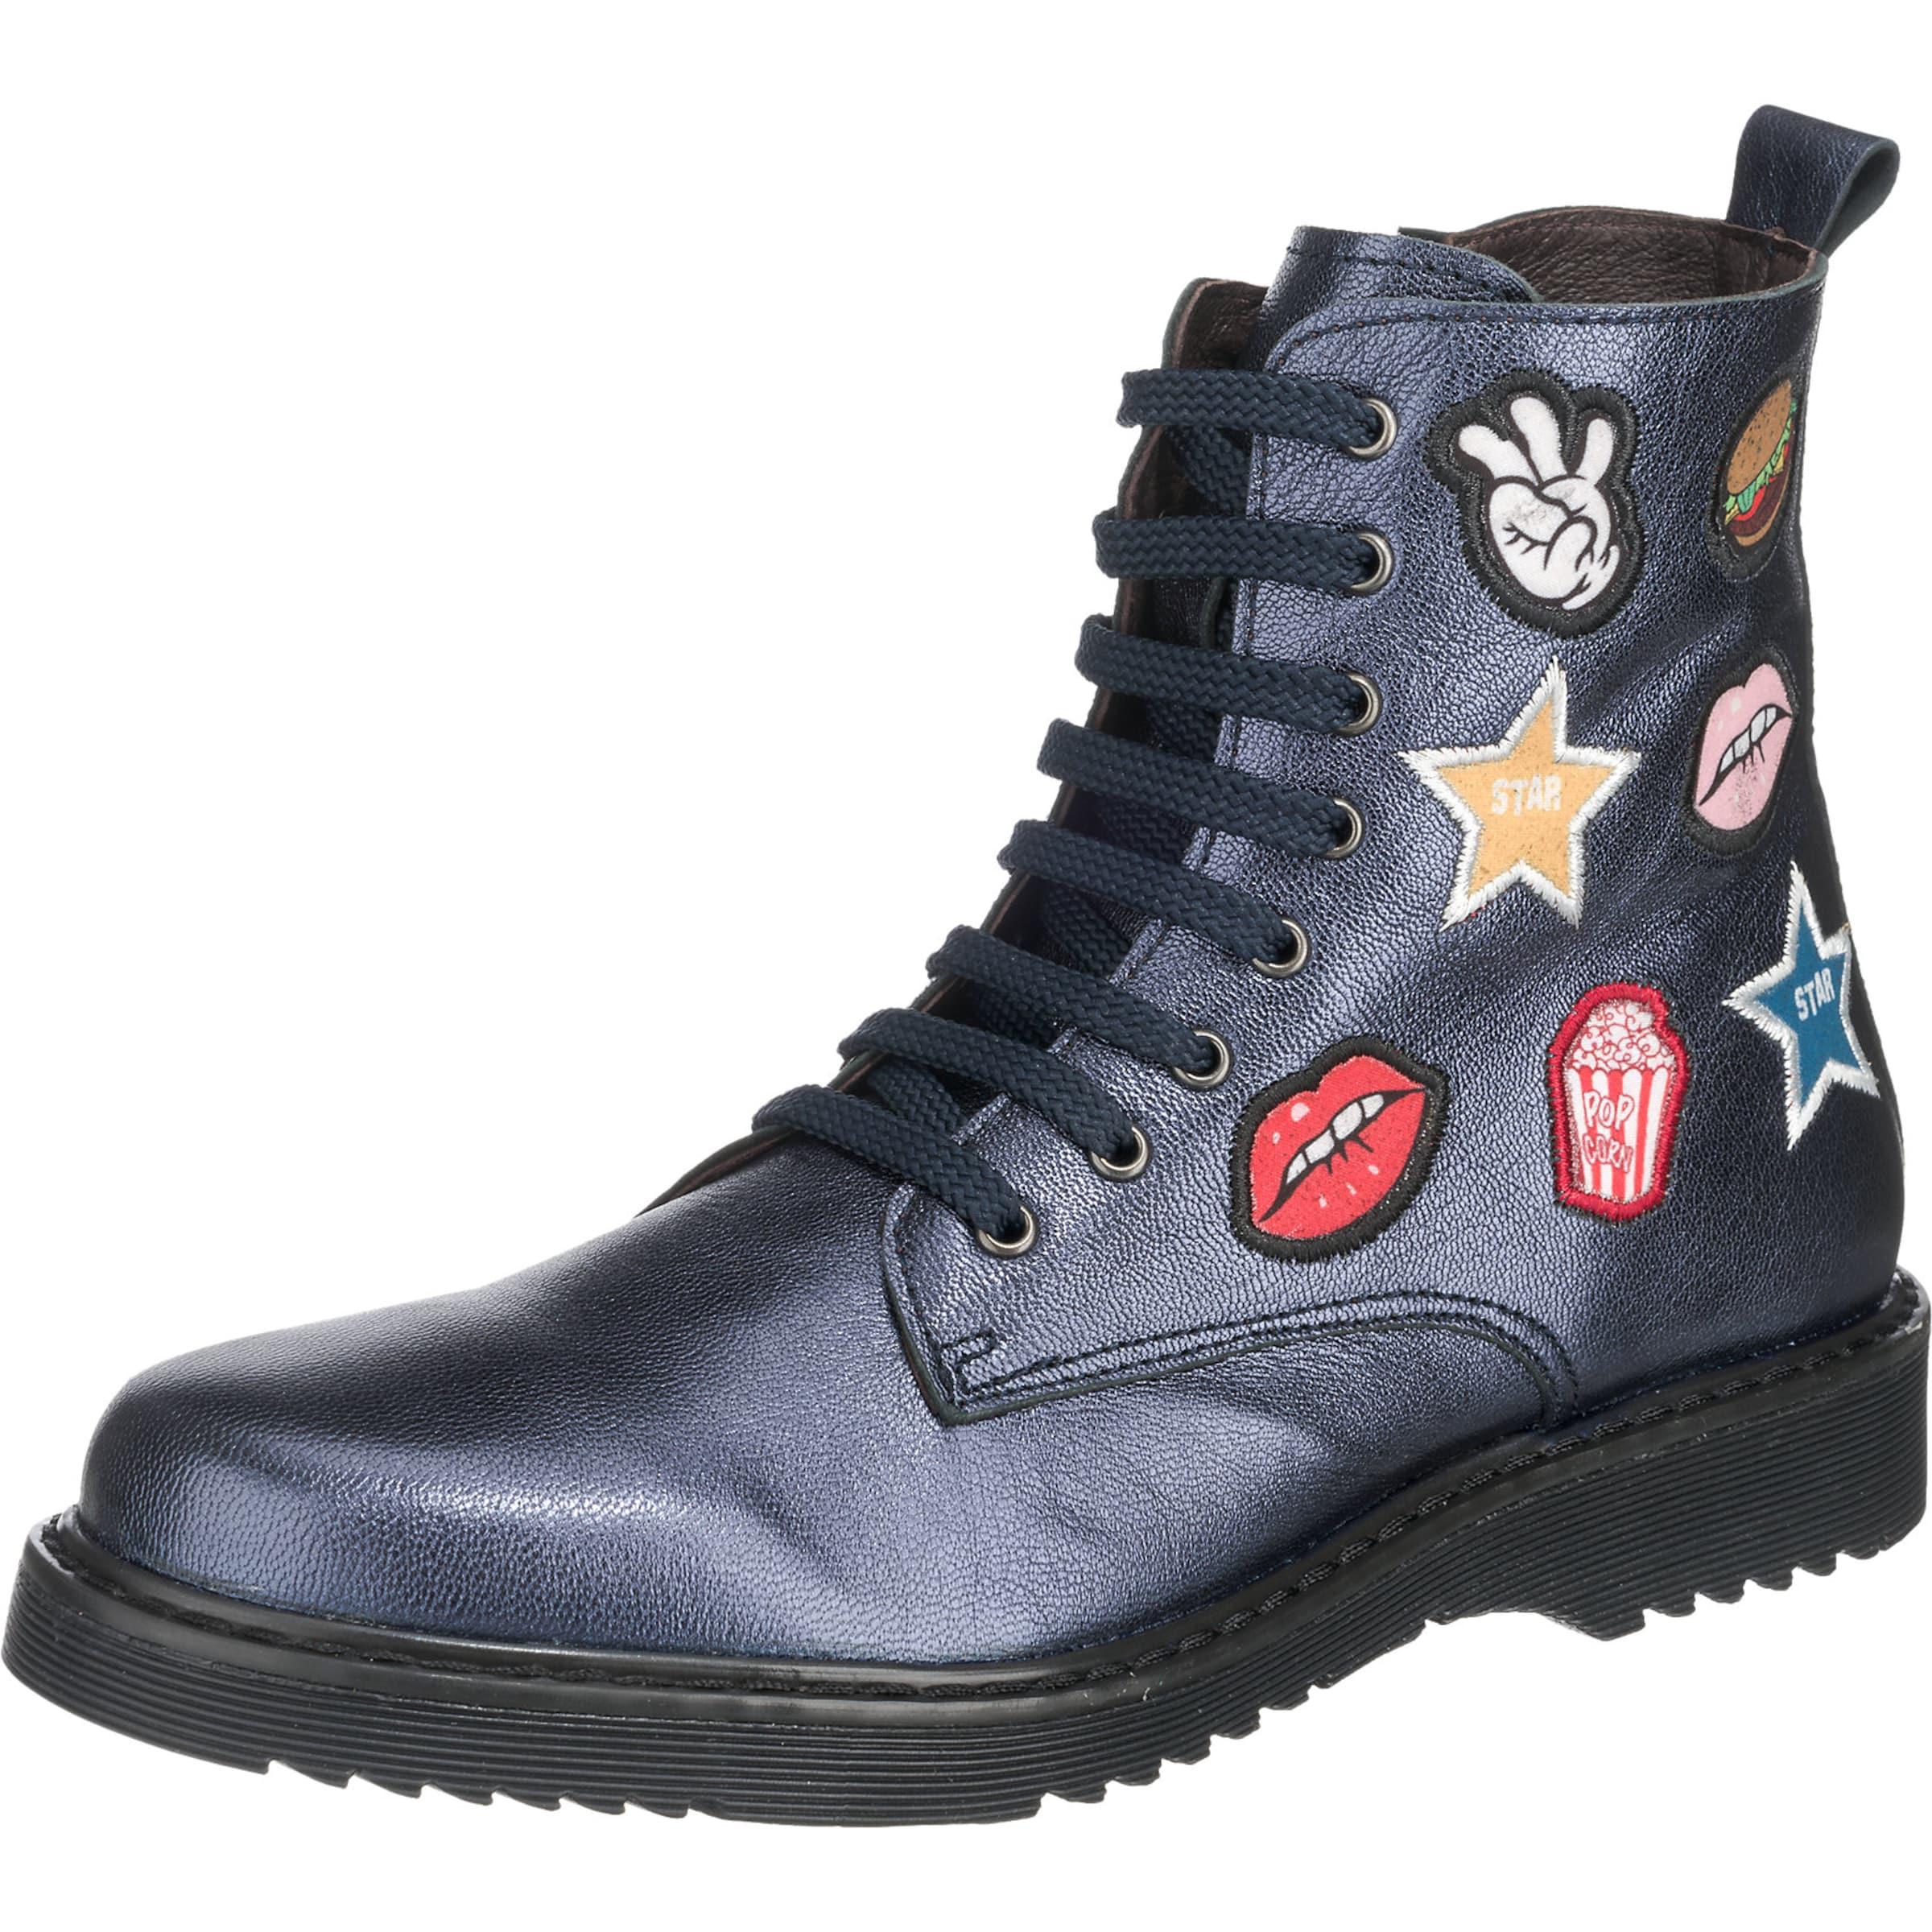 clic Stiefeletten Verschleißfeste billige Schuhe Hohe Qualität